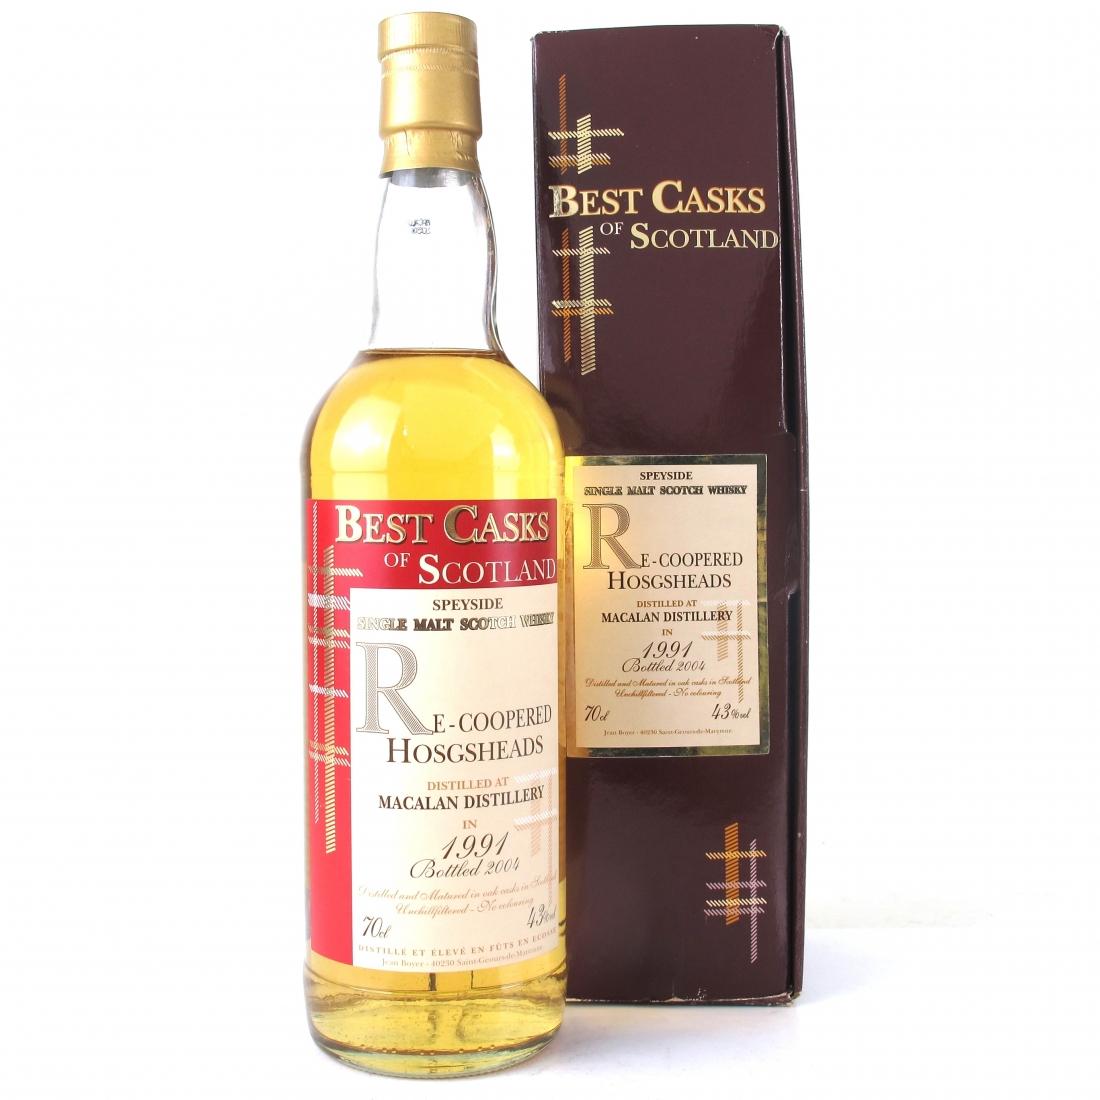 Macallan 1991 Best Casks of Scotland